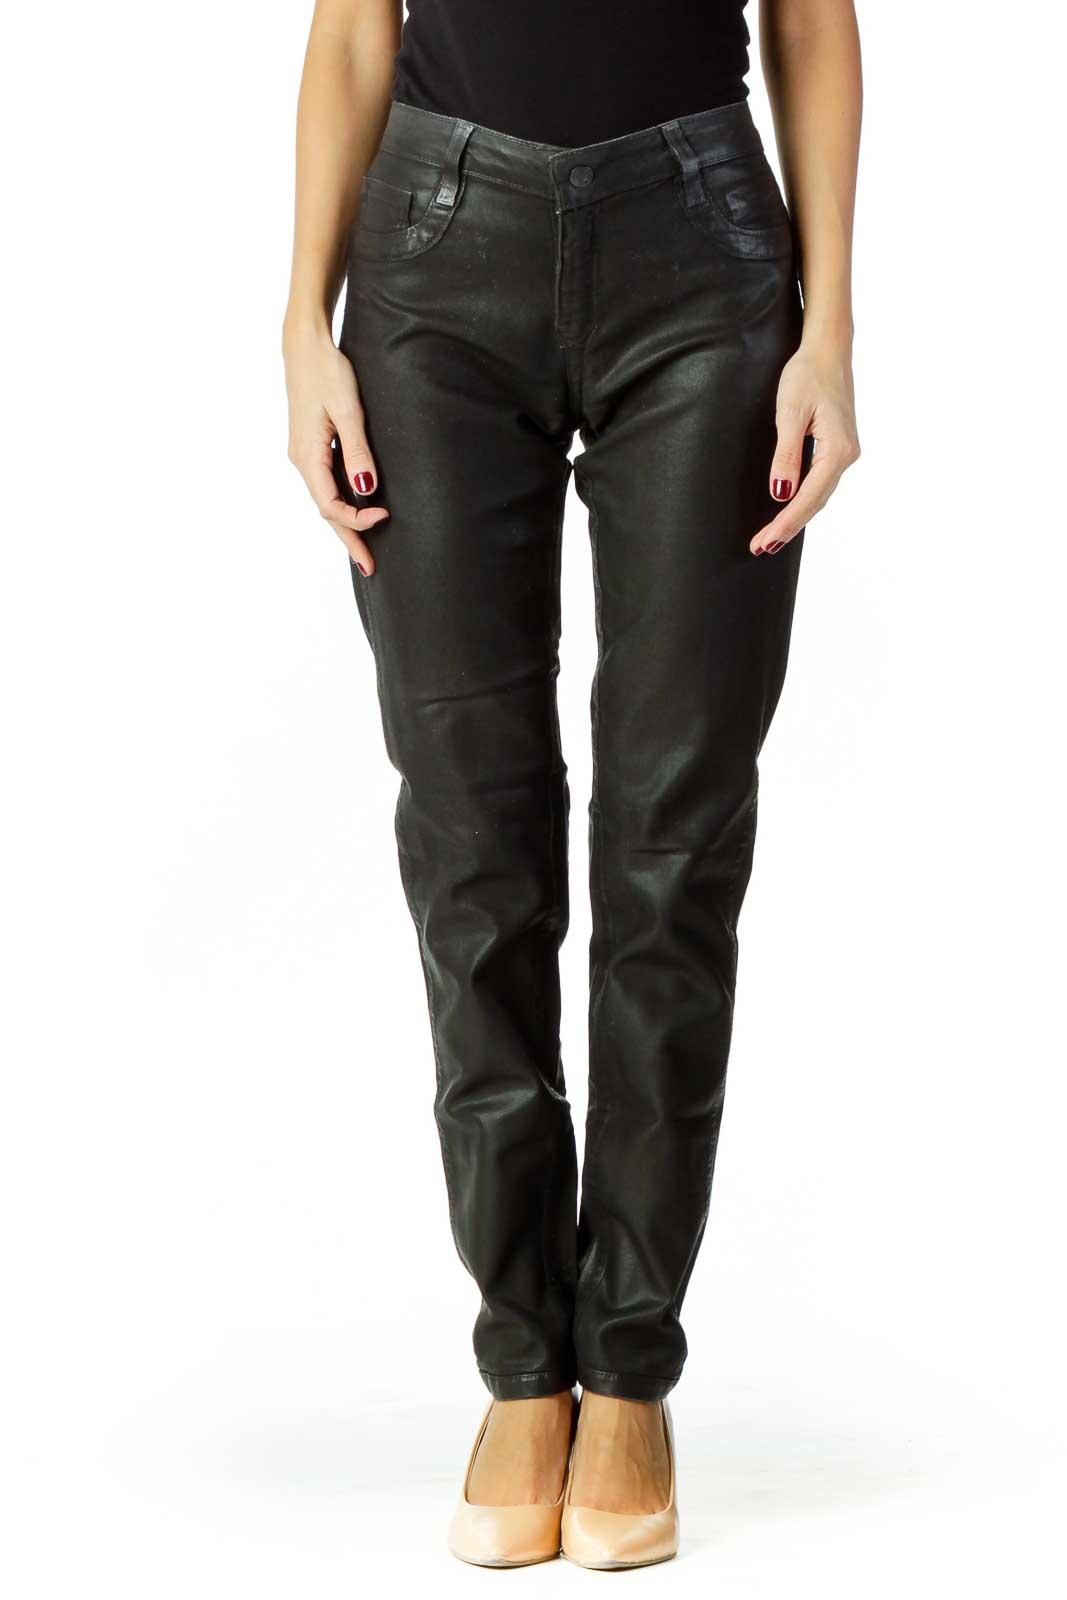 Gray Metallic Reversible Skinny Jeans